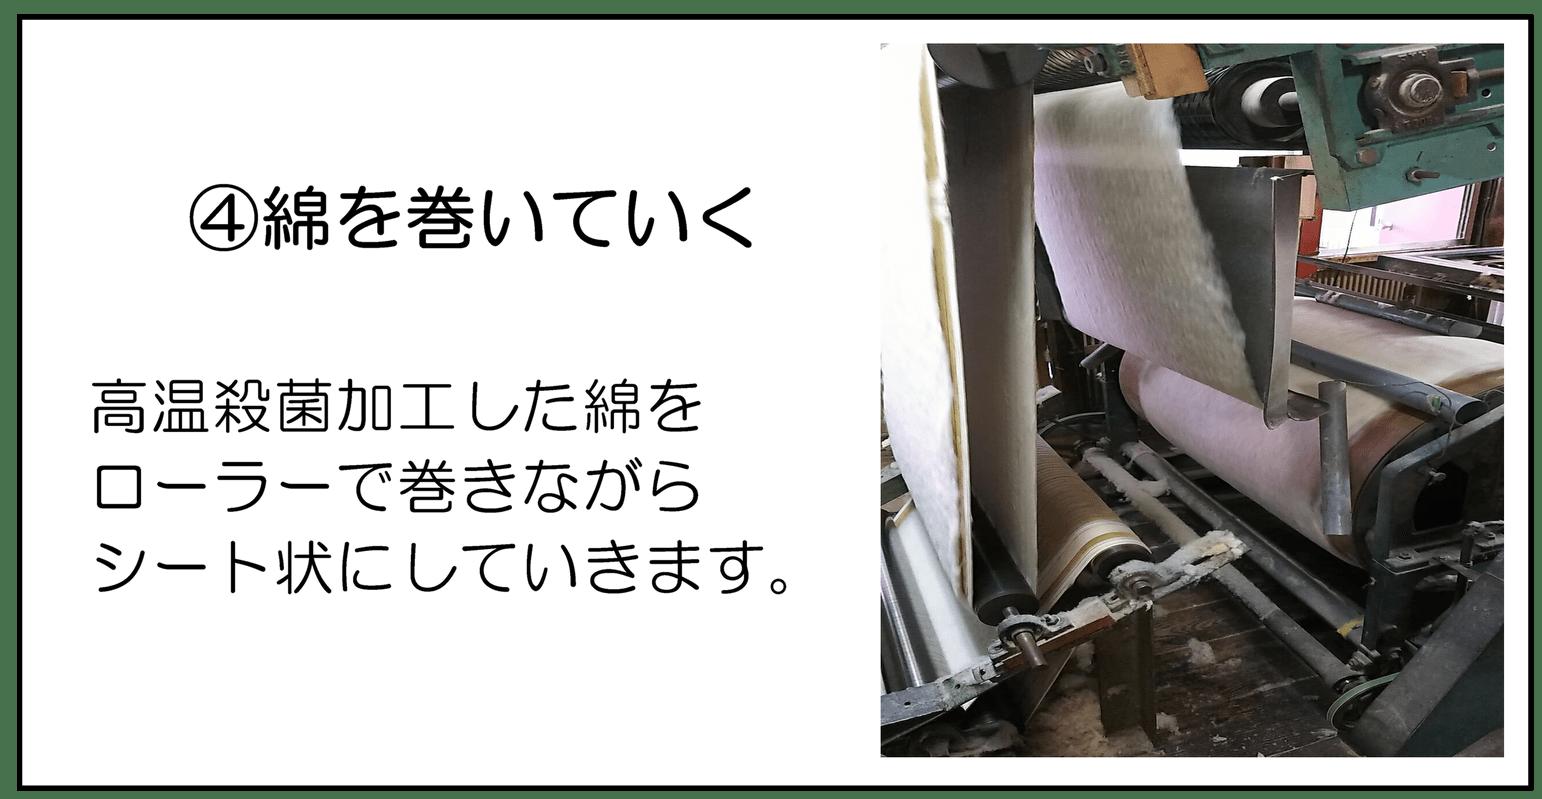 ④綿を巻いていく 高温殺菌加工した綿をローラーで巻きながらシート状にしていきます。